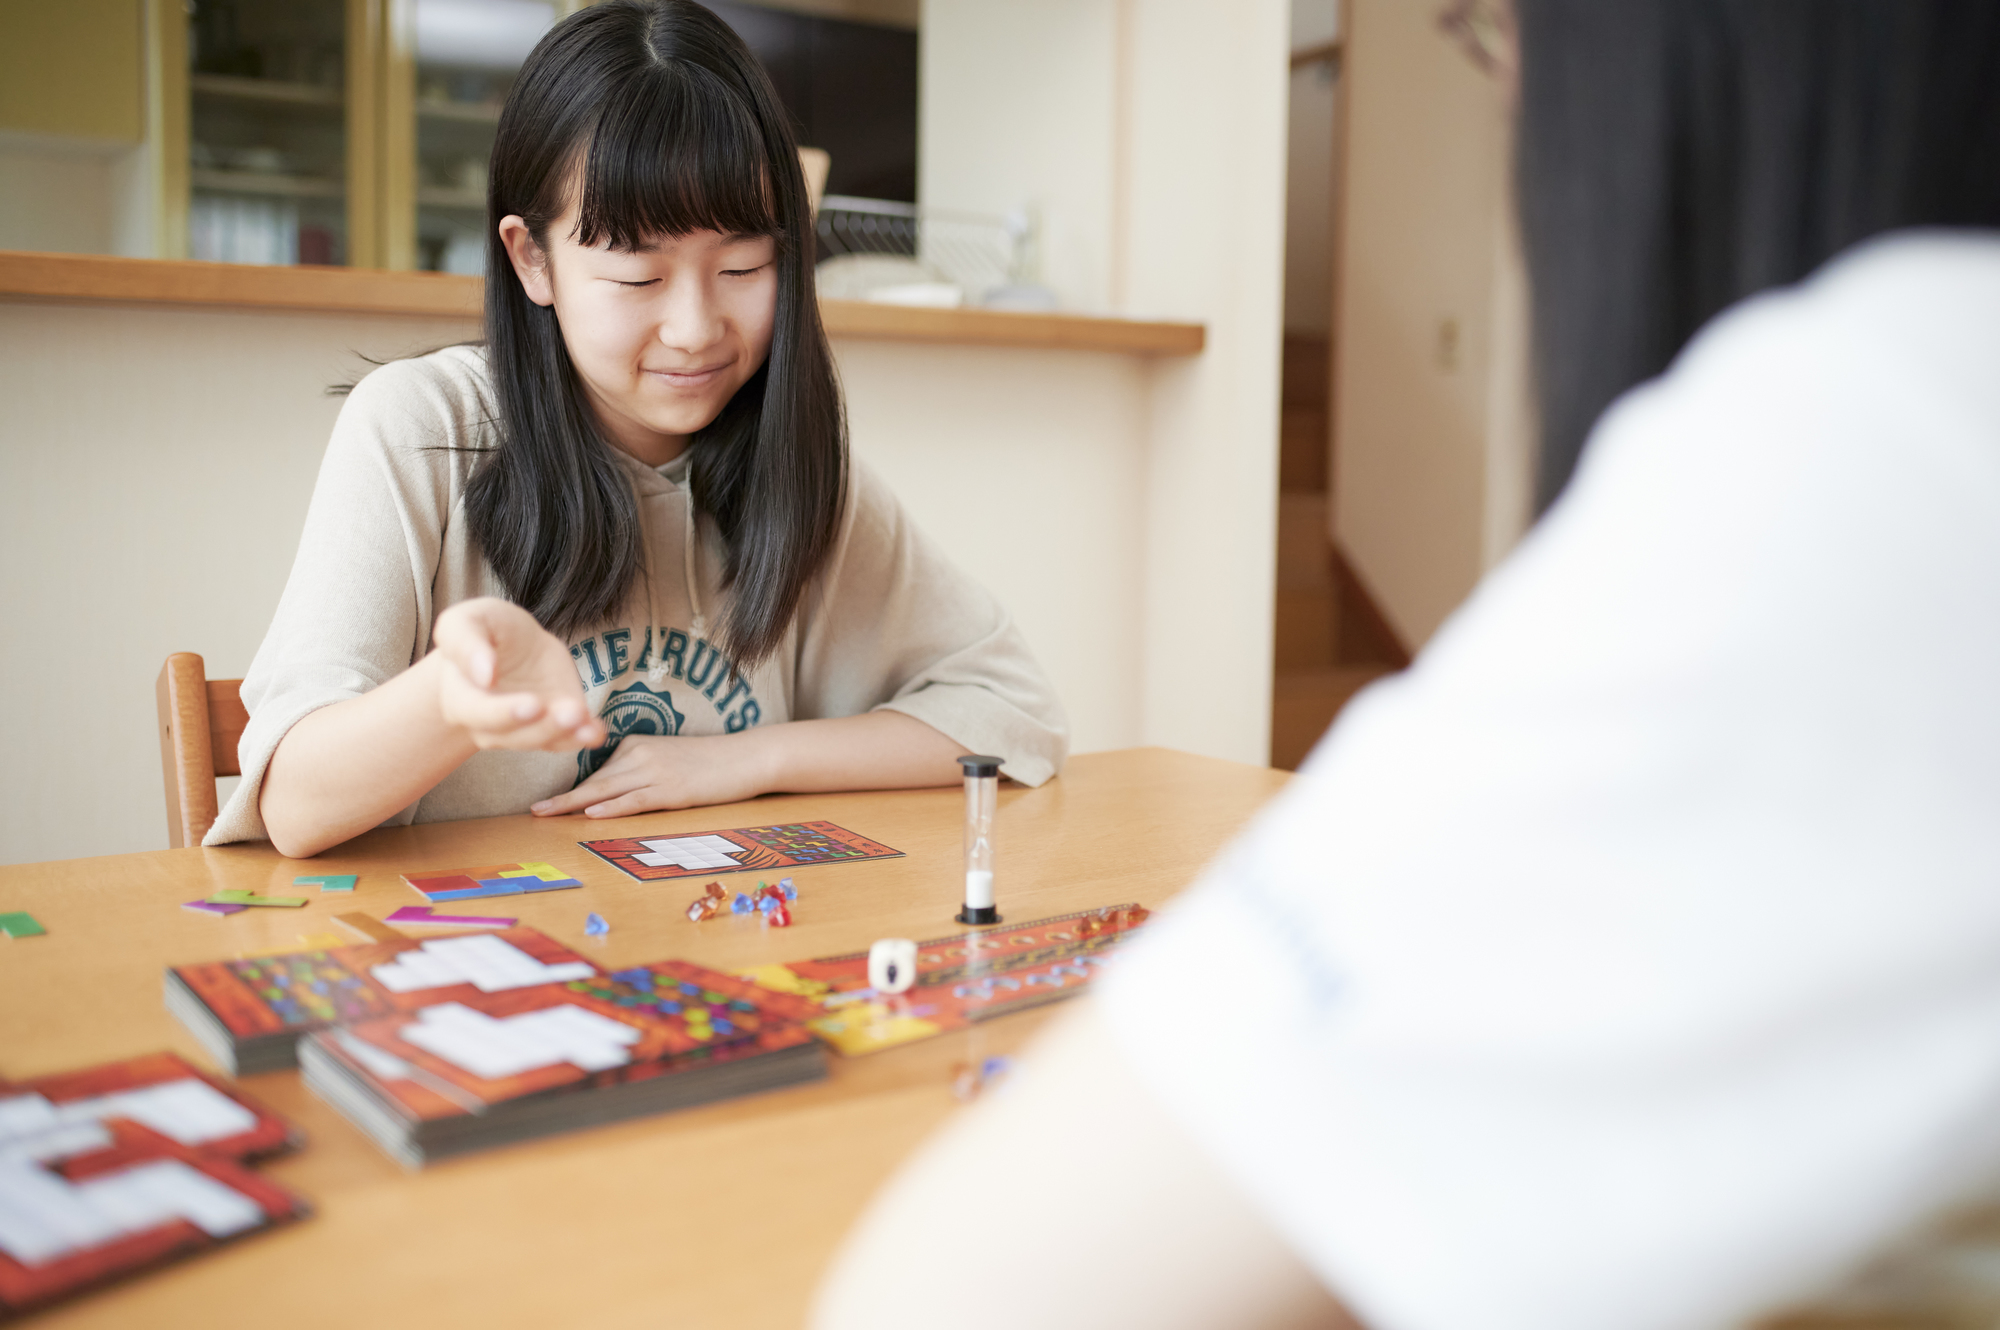 【おやこの経済学】FPが子供とやってみた!お金のことが学べるゲーム